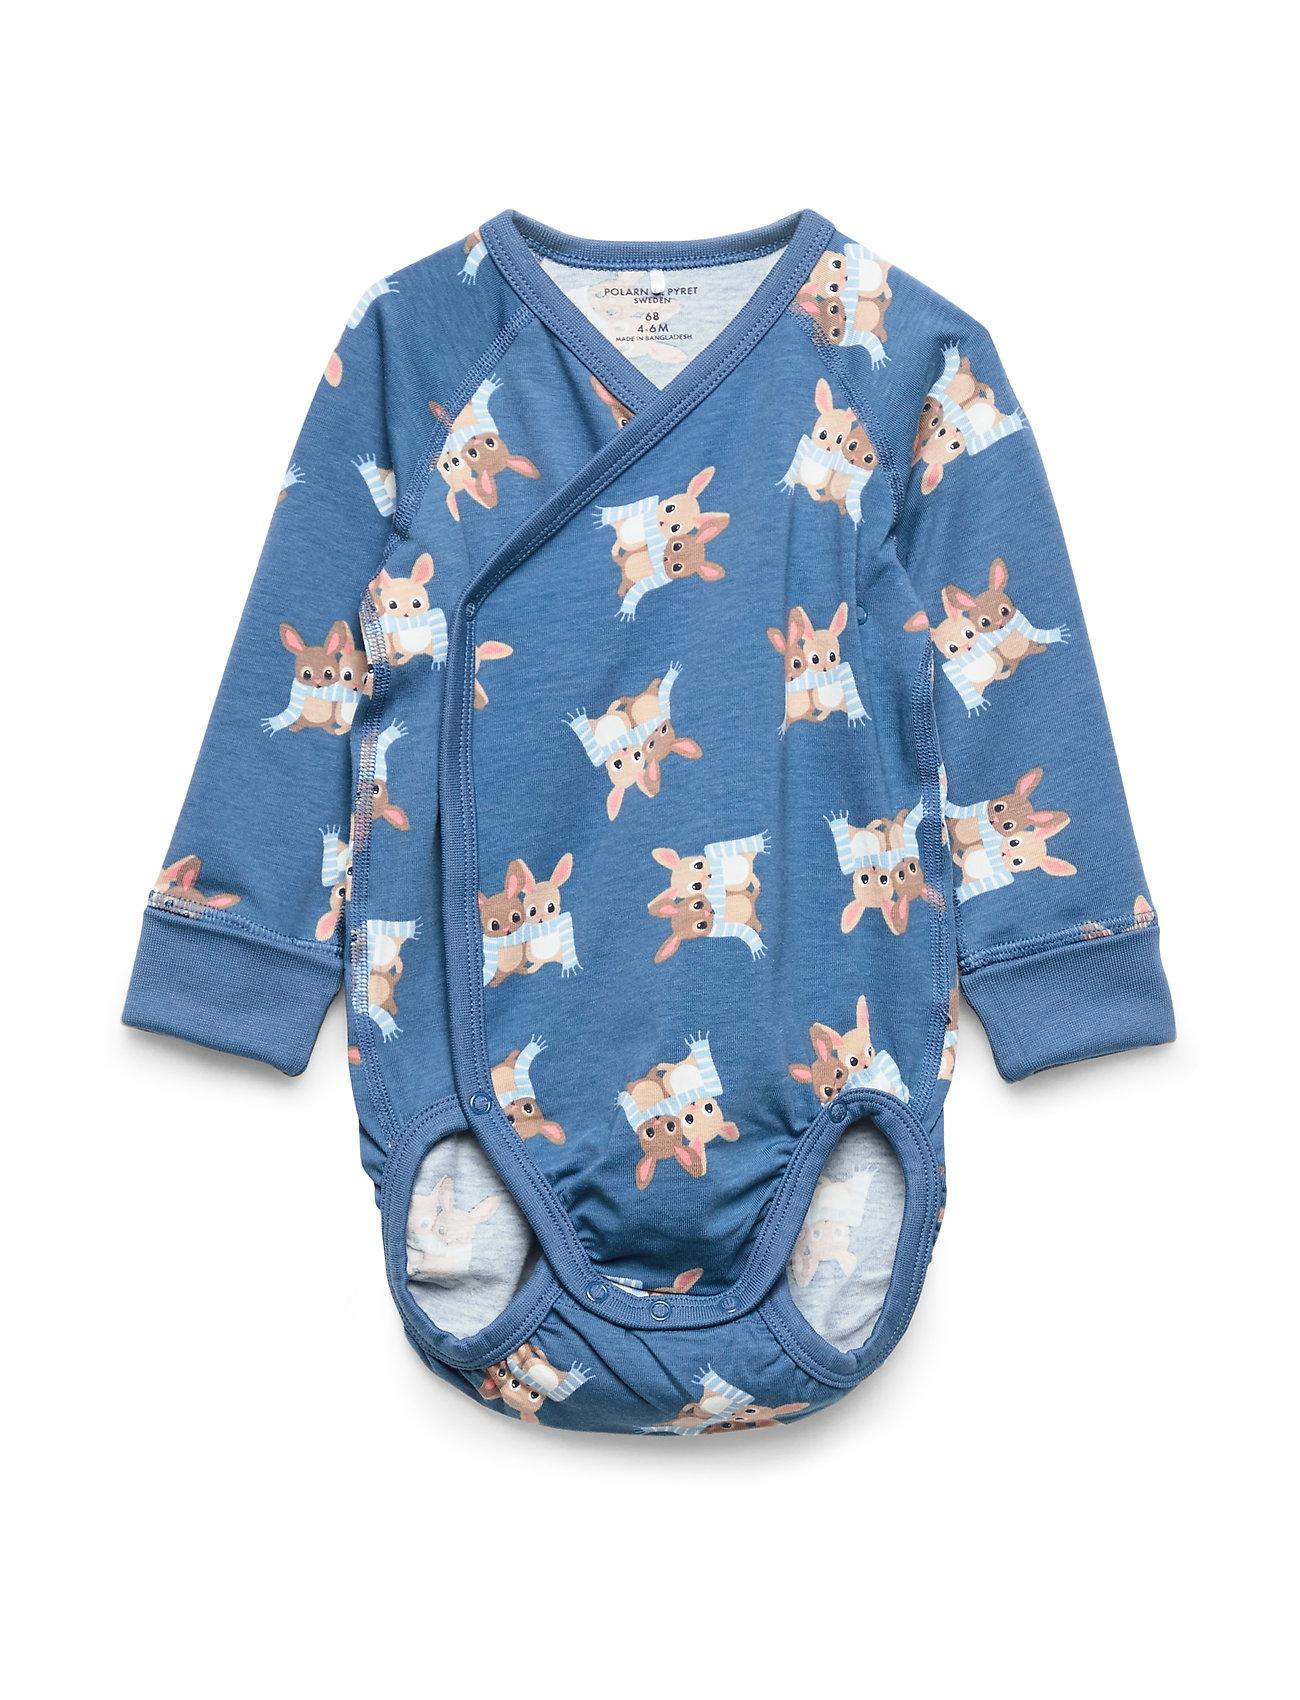 Polarn O. Pyret Body Wrapover AOP Baby - DARK BLUE